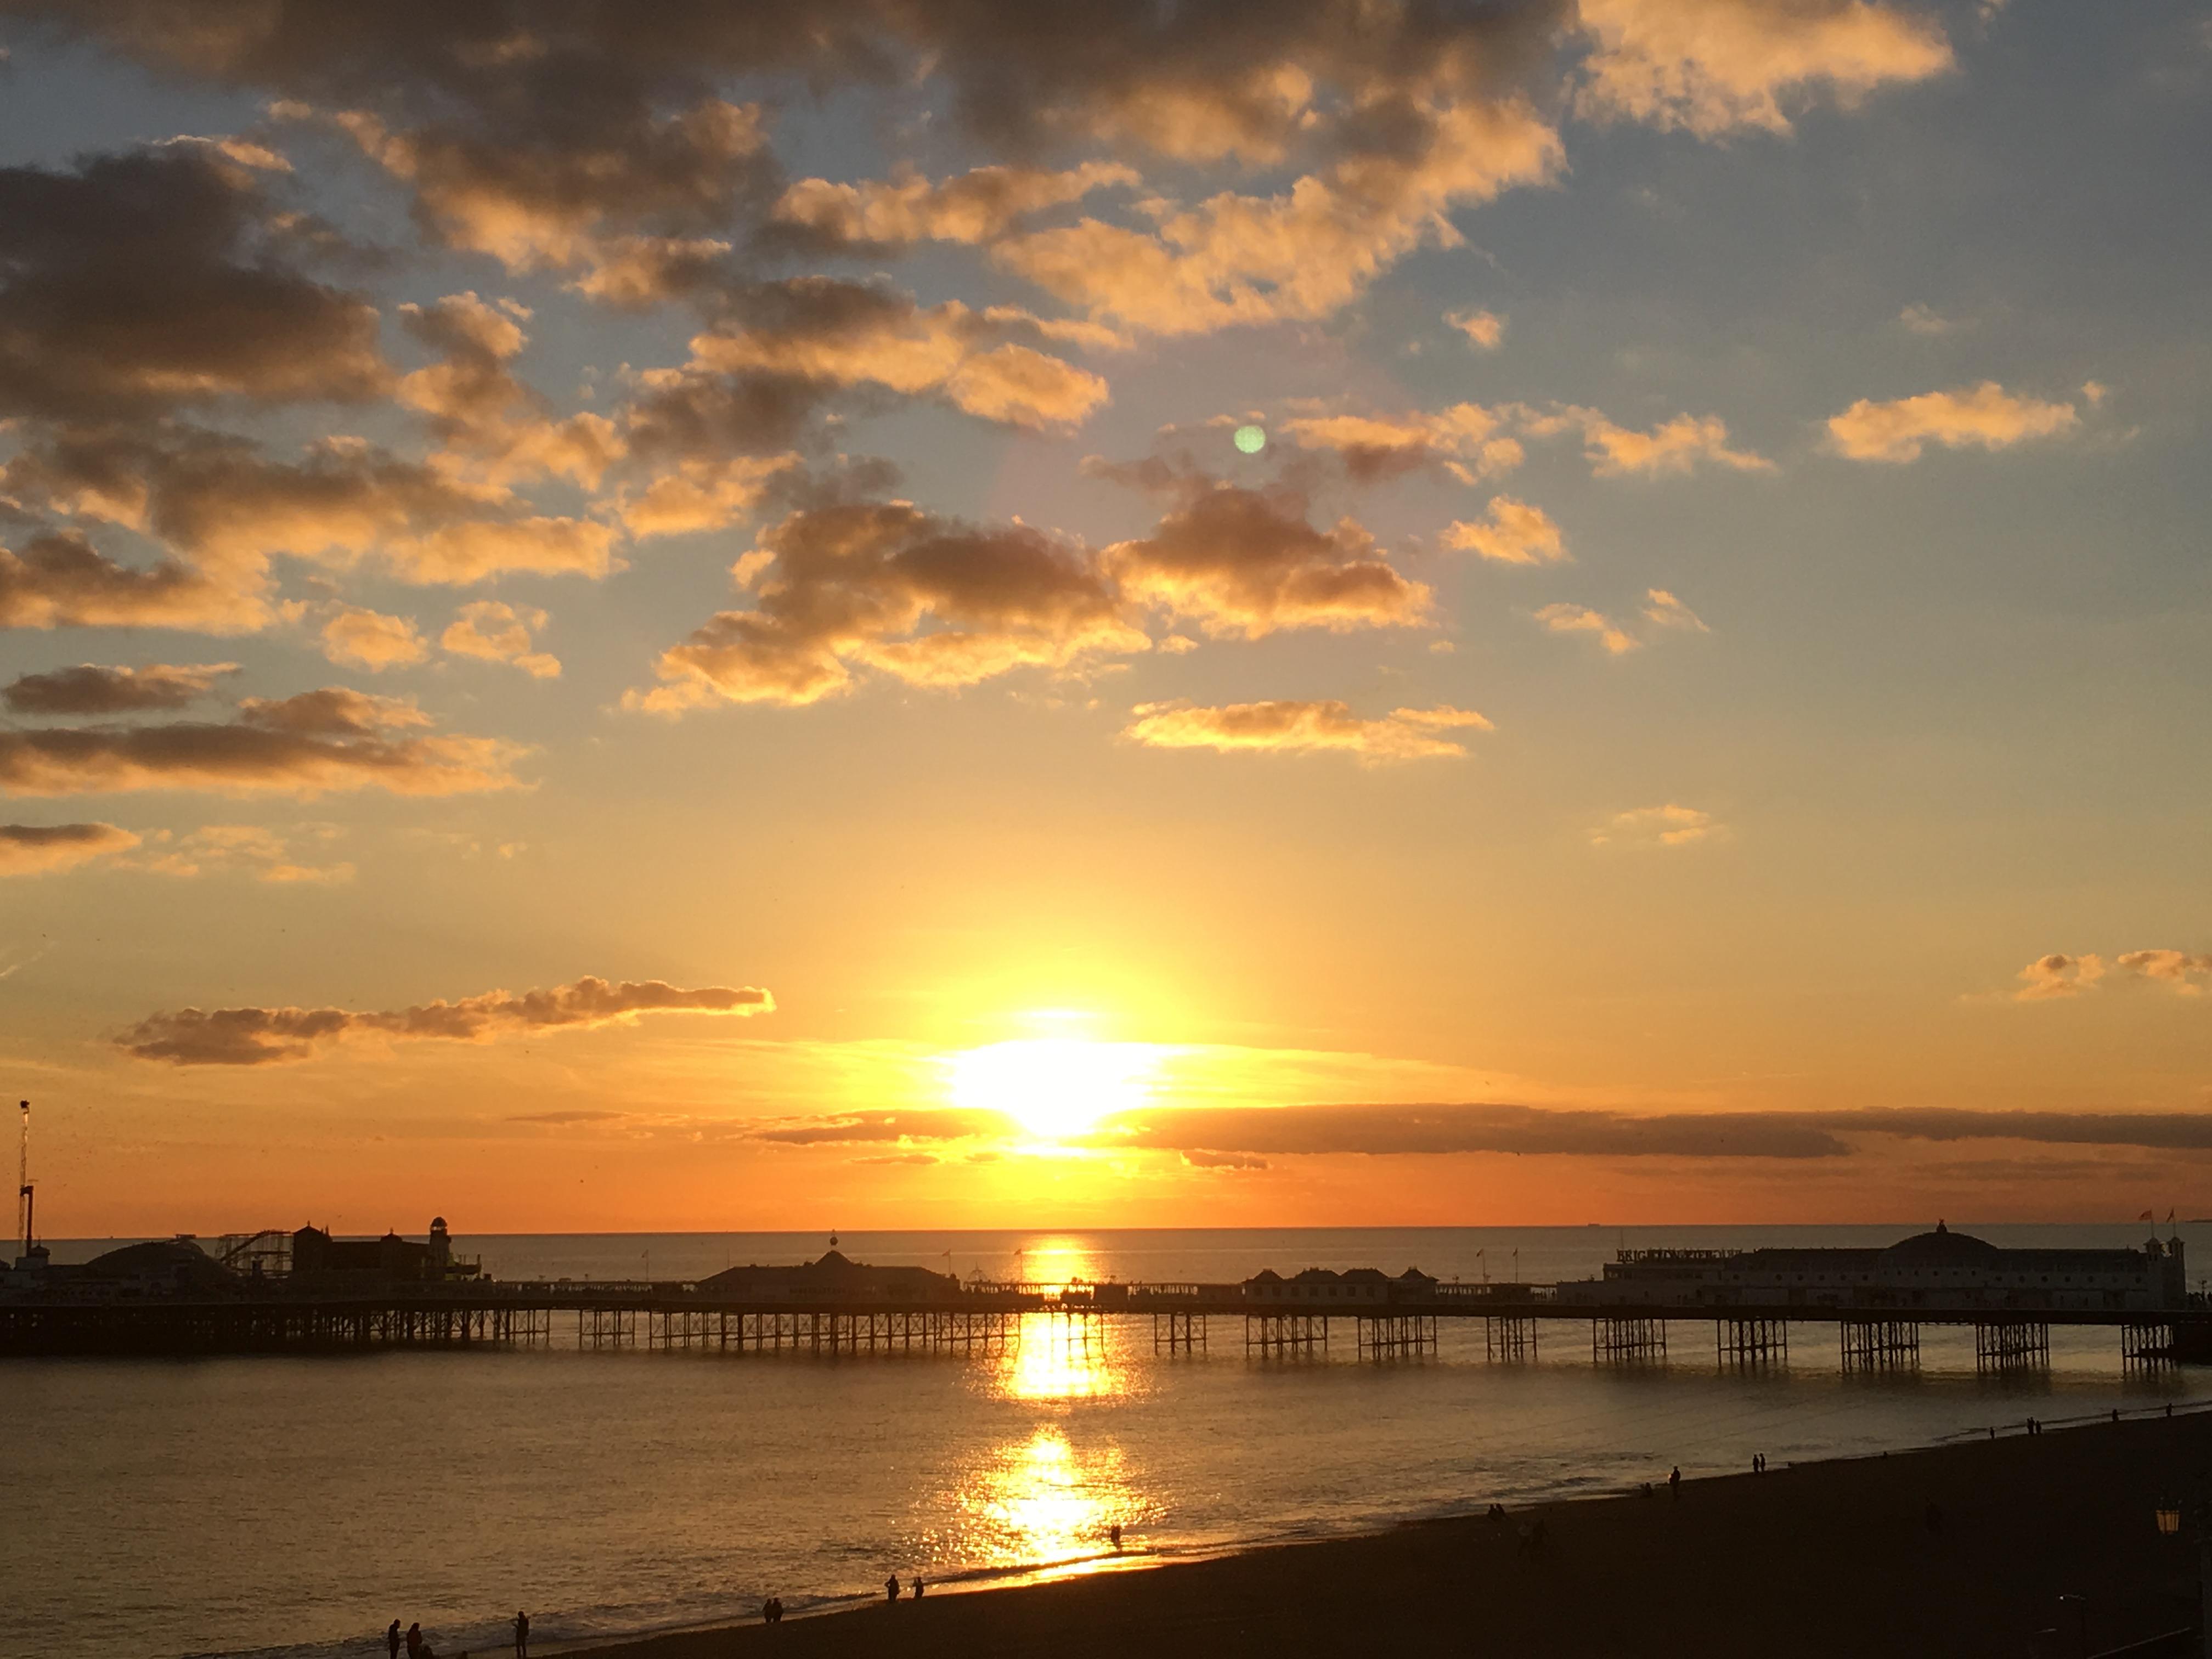 sunset beautiful world